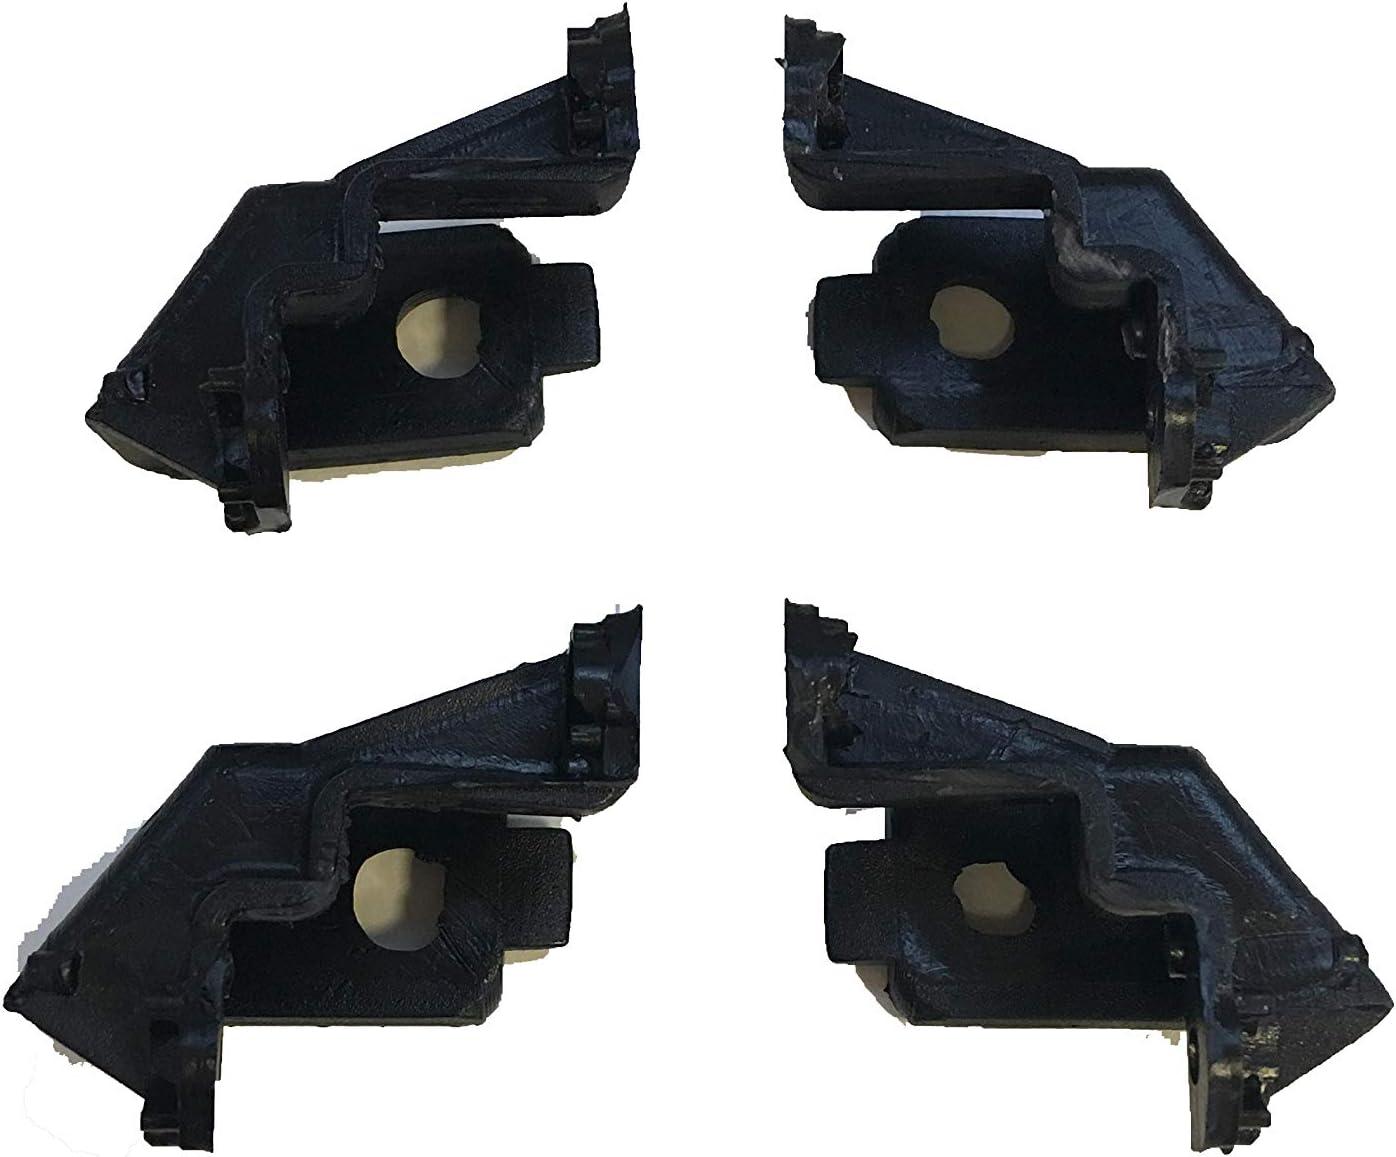 2x Kit de réparation pour phares avant gauche pour vw polo 6r 6c 6r0998225